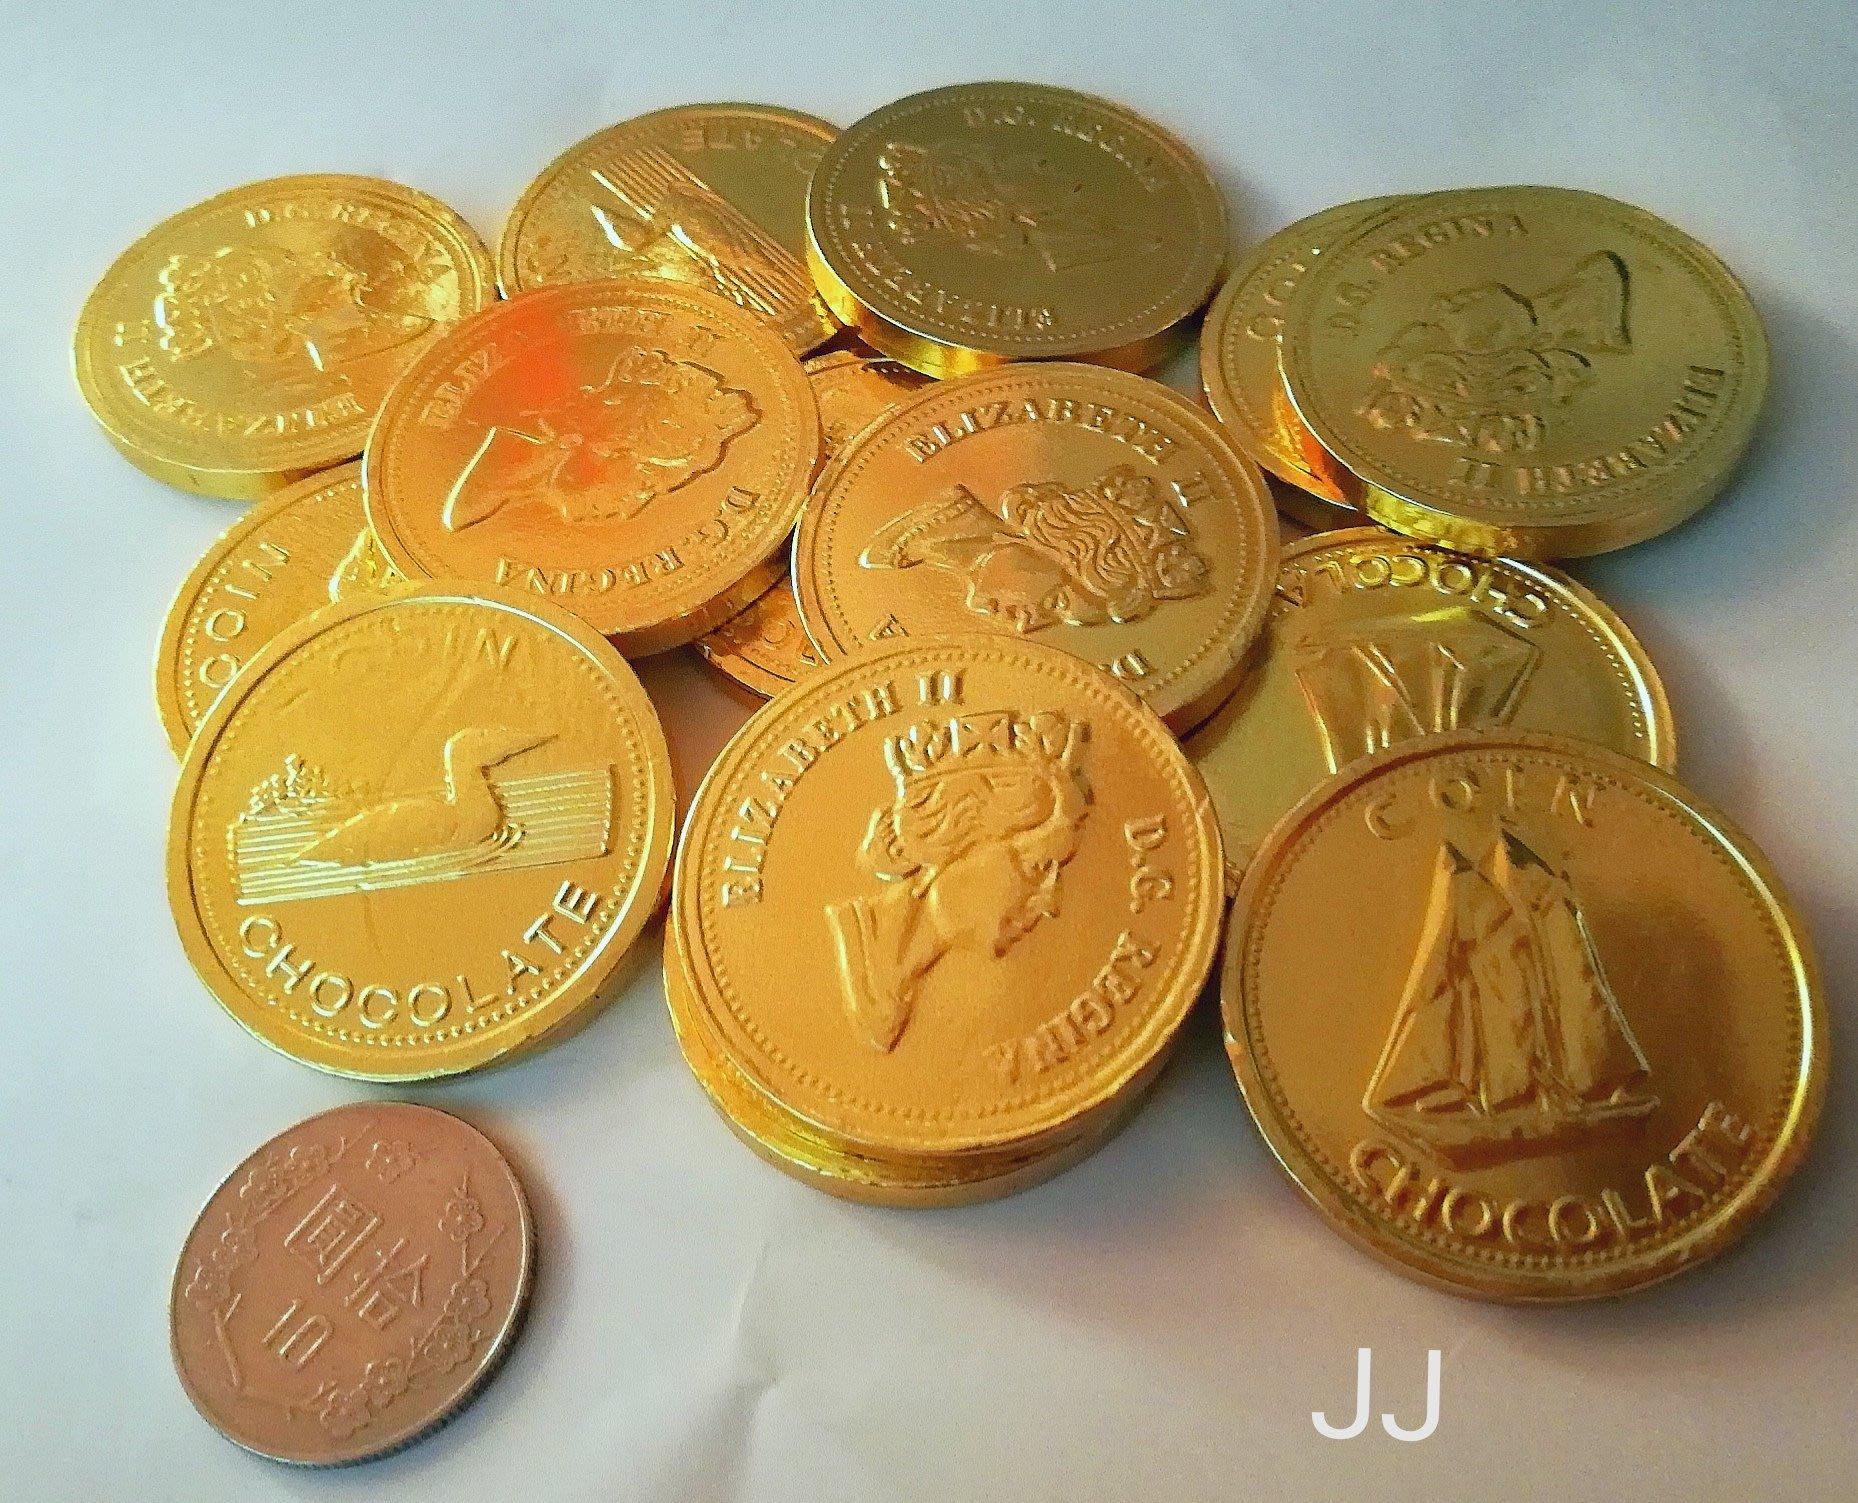 金幣 巧克力-女王金幣巧克力-代可可 聖誕 萬聖 彩券 春節 50片裝-台灣製造-團購糖果批發